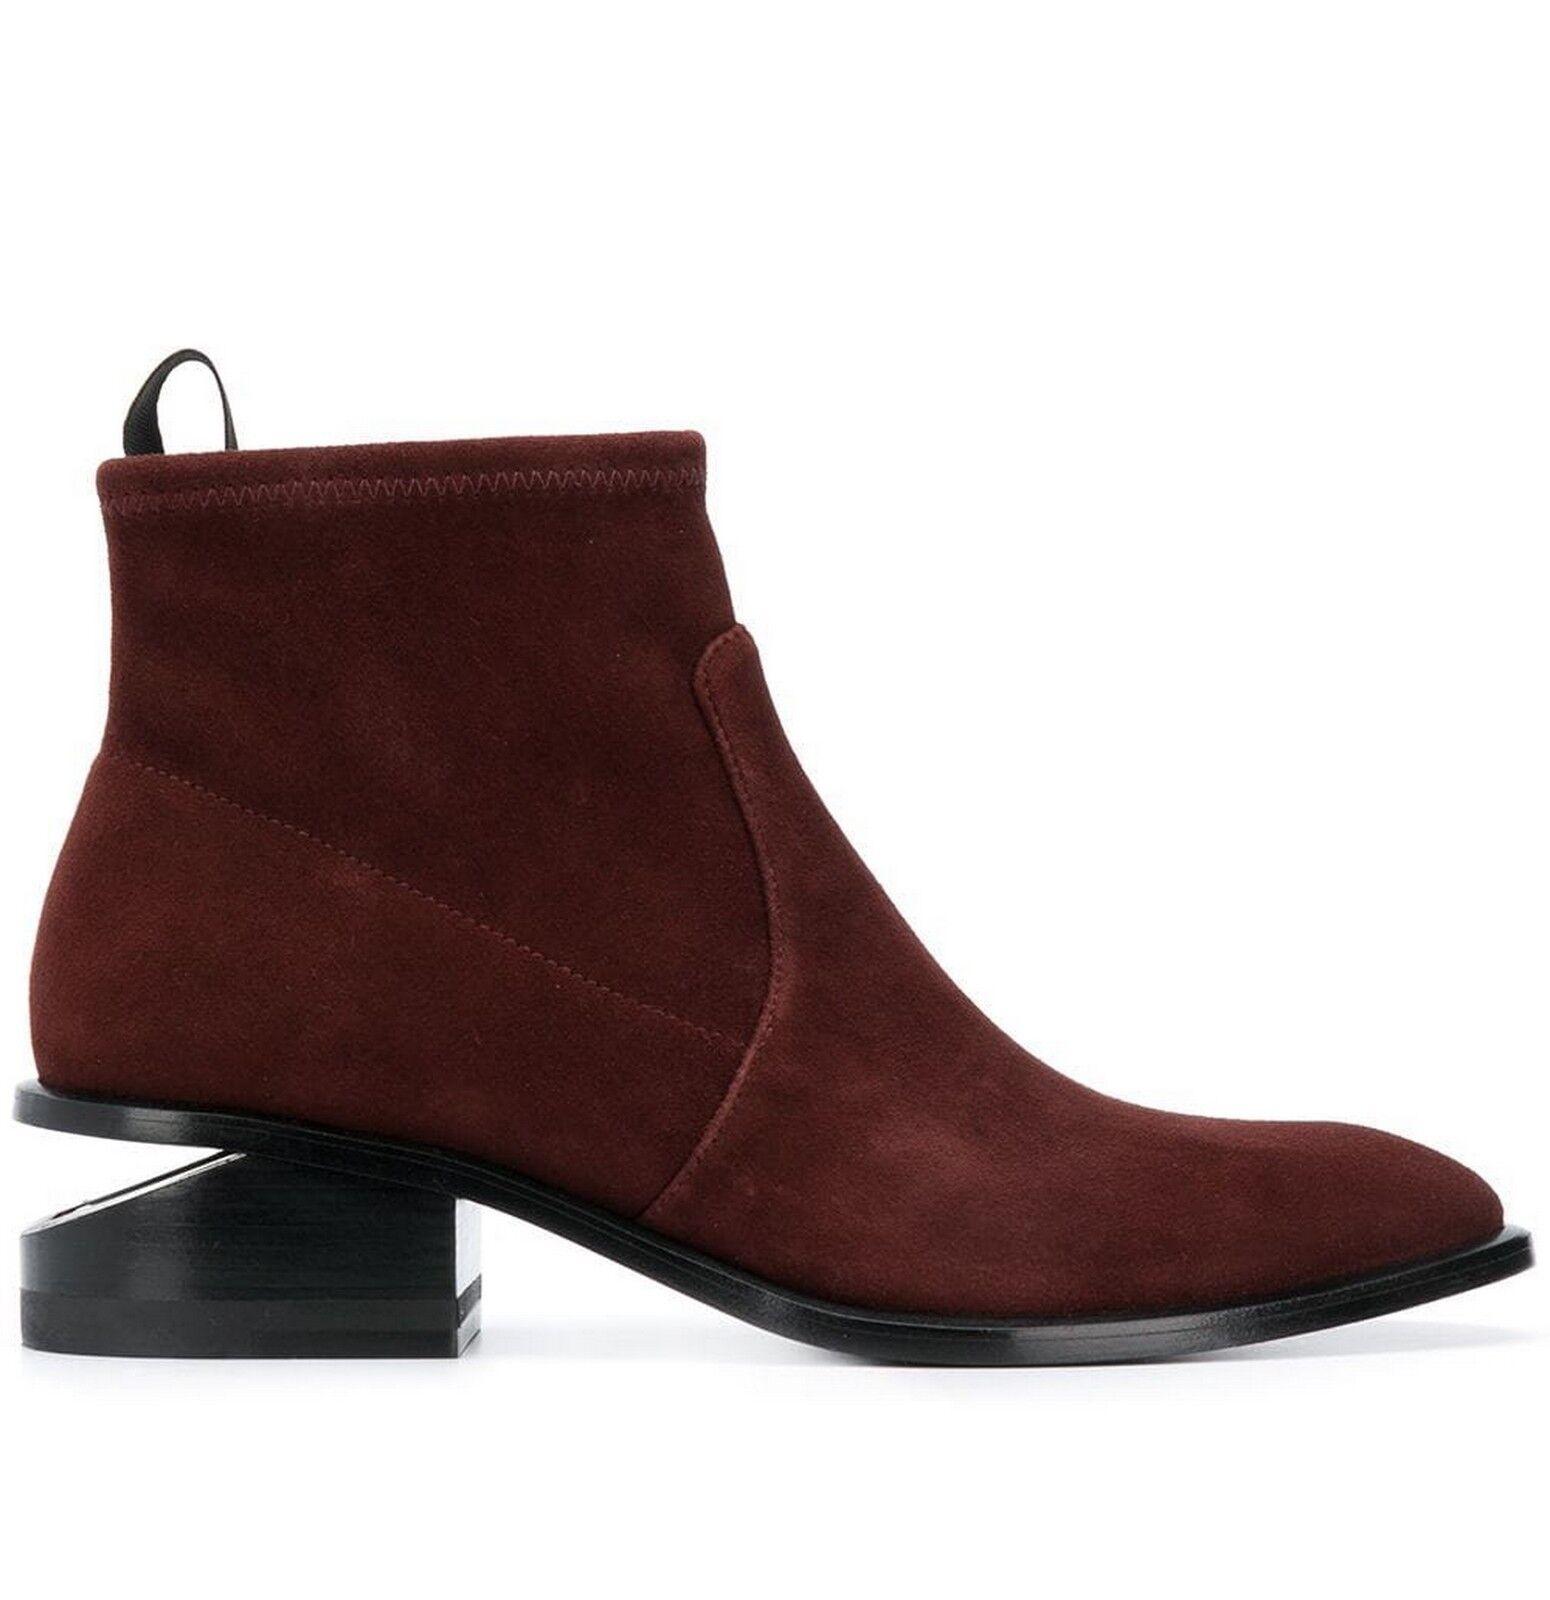 Nuevo Alexander Wang Kori Kori Kori Cortado Botín De Tacón De Gamuza Zapatos, arándano, EU38   595  ¡No dudes! ¡Compra ahora!